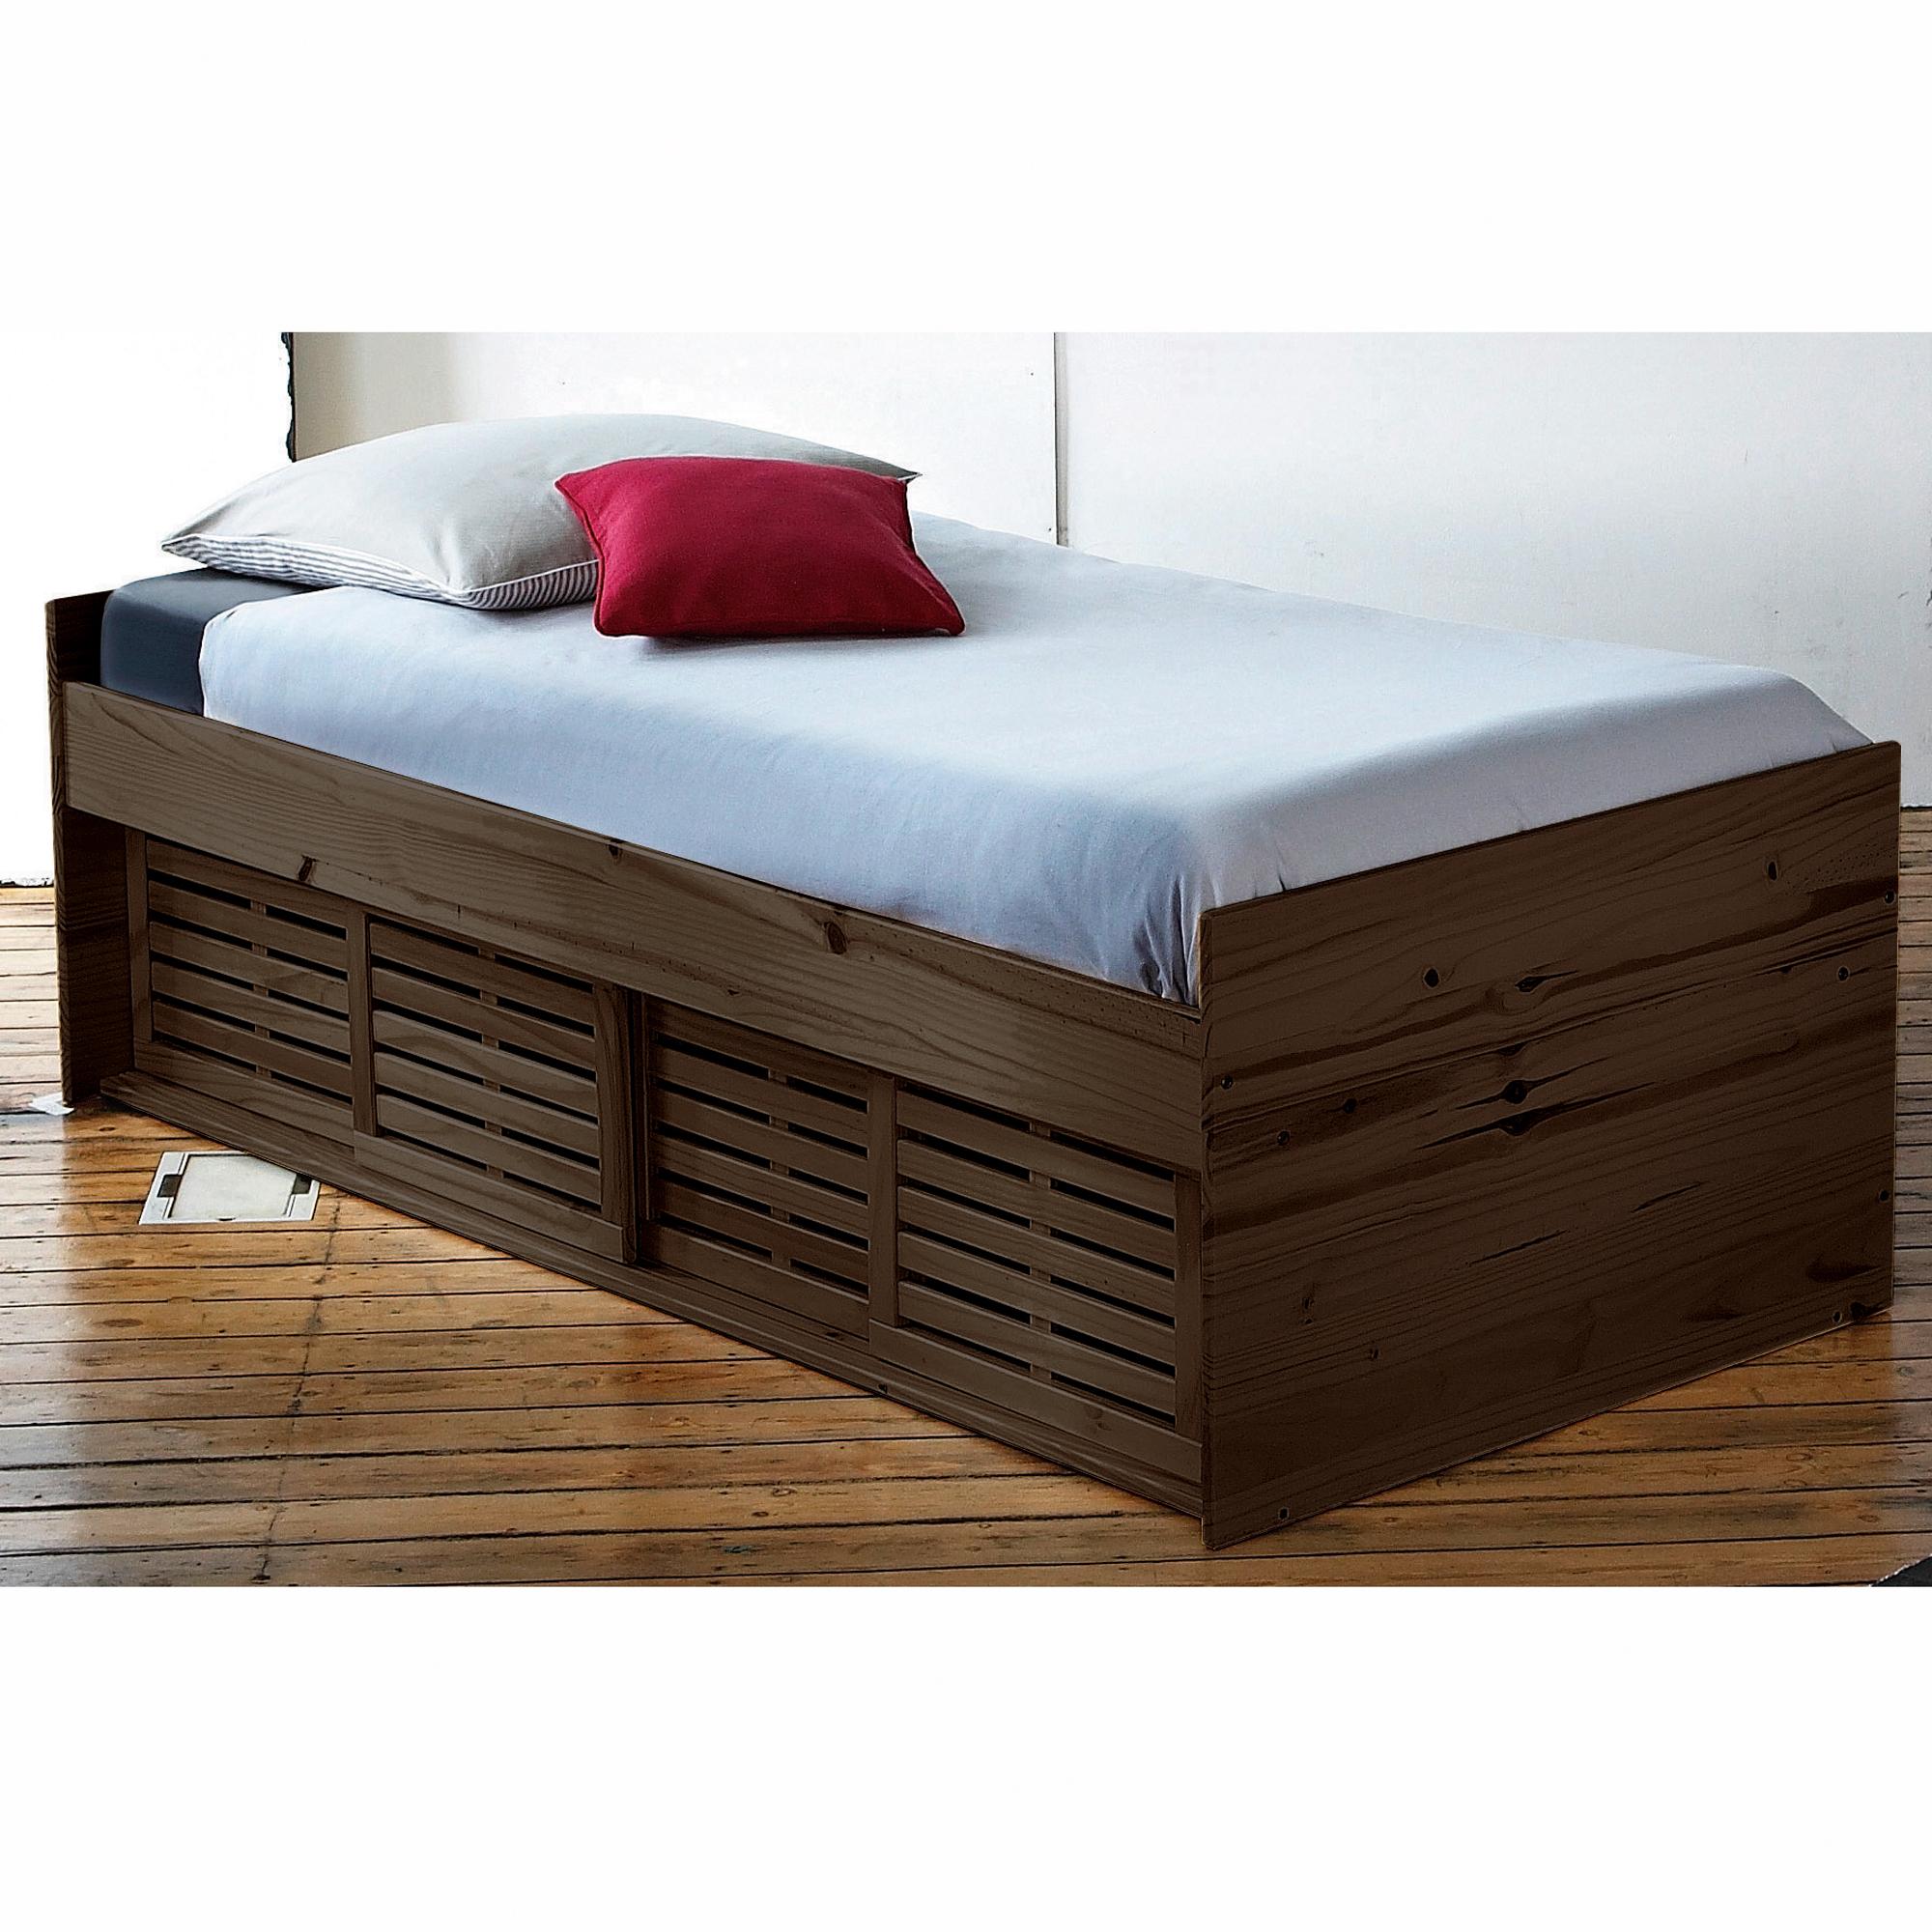 lit 90 x 190 cm mistral weng anniversaire 40 ans acheter ce produit au meilleur prix. Black Bedroom Furniture Sets. Home Design Ideas